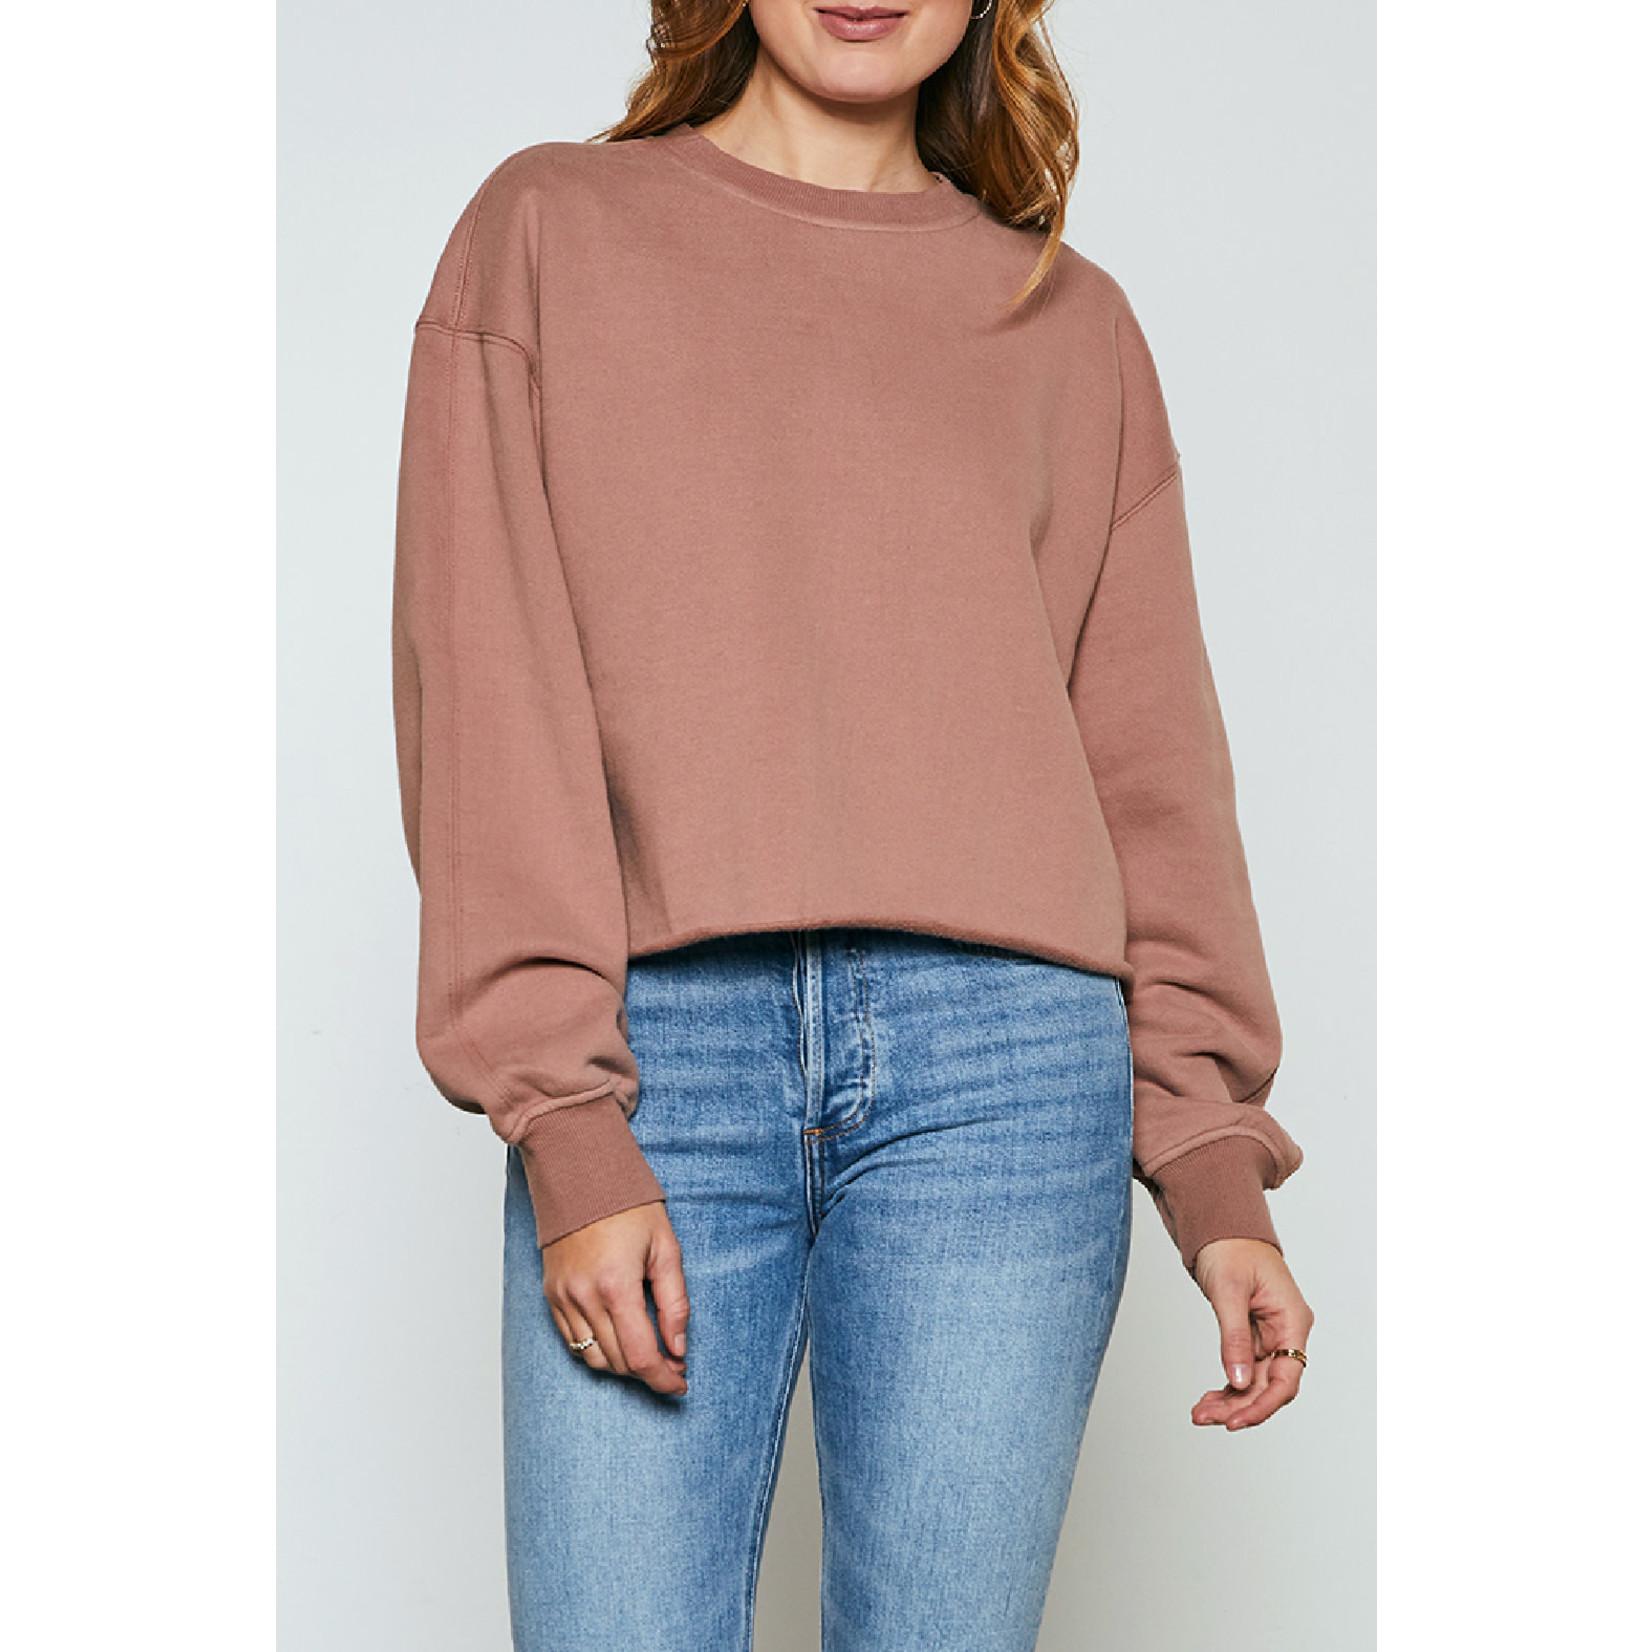 Gentle Fawn Raw Edge Fleece Sweatshirt